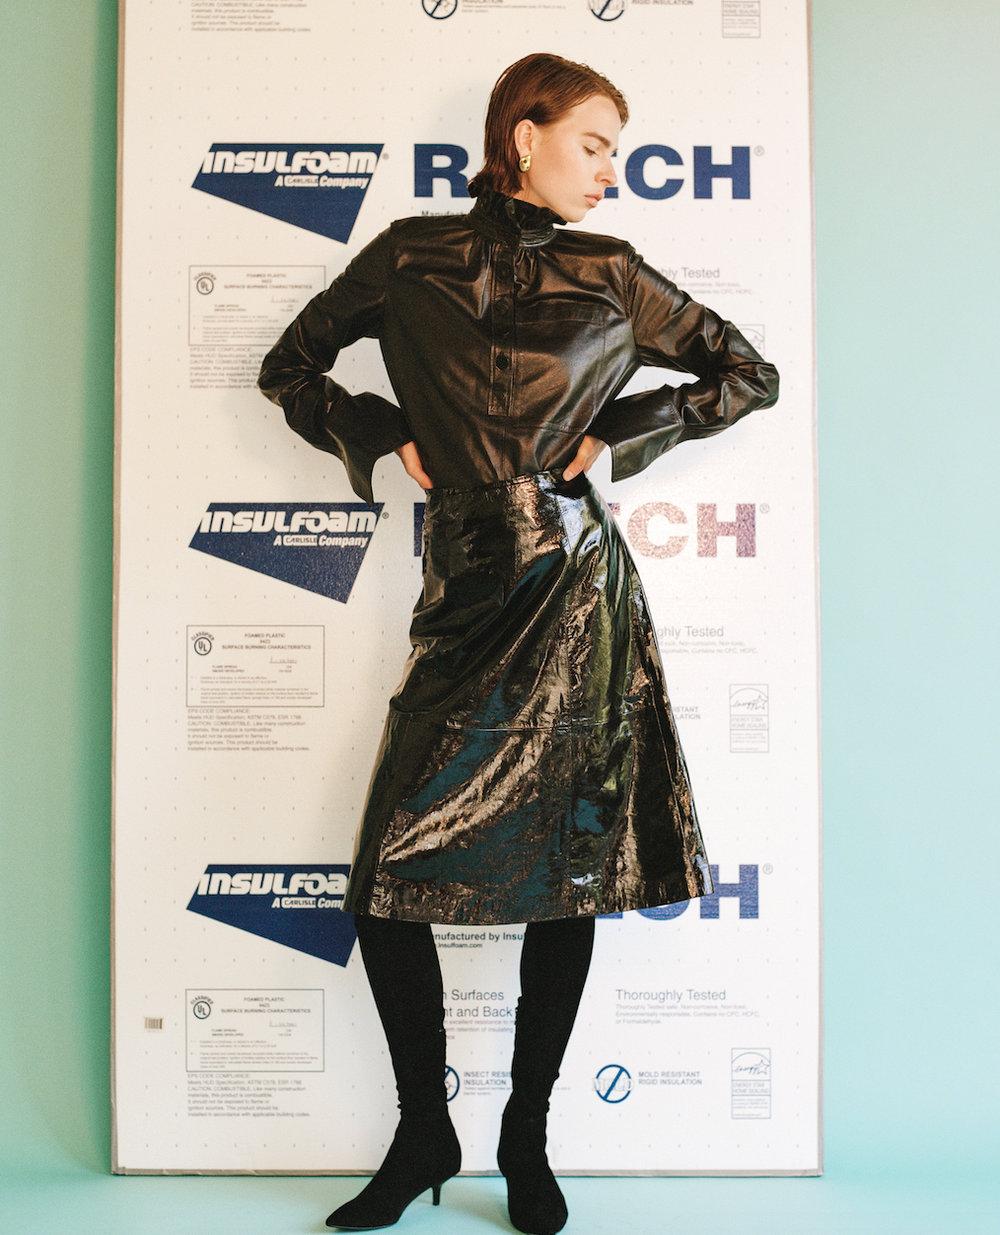 de  J.W.ANDERSON,  pendientes de  LEIGH MILLER, falda  vintage  y botas de la estilista.